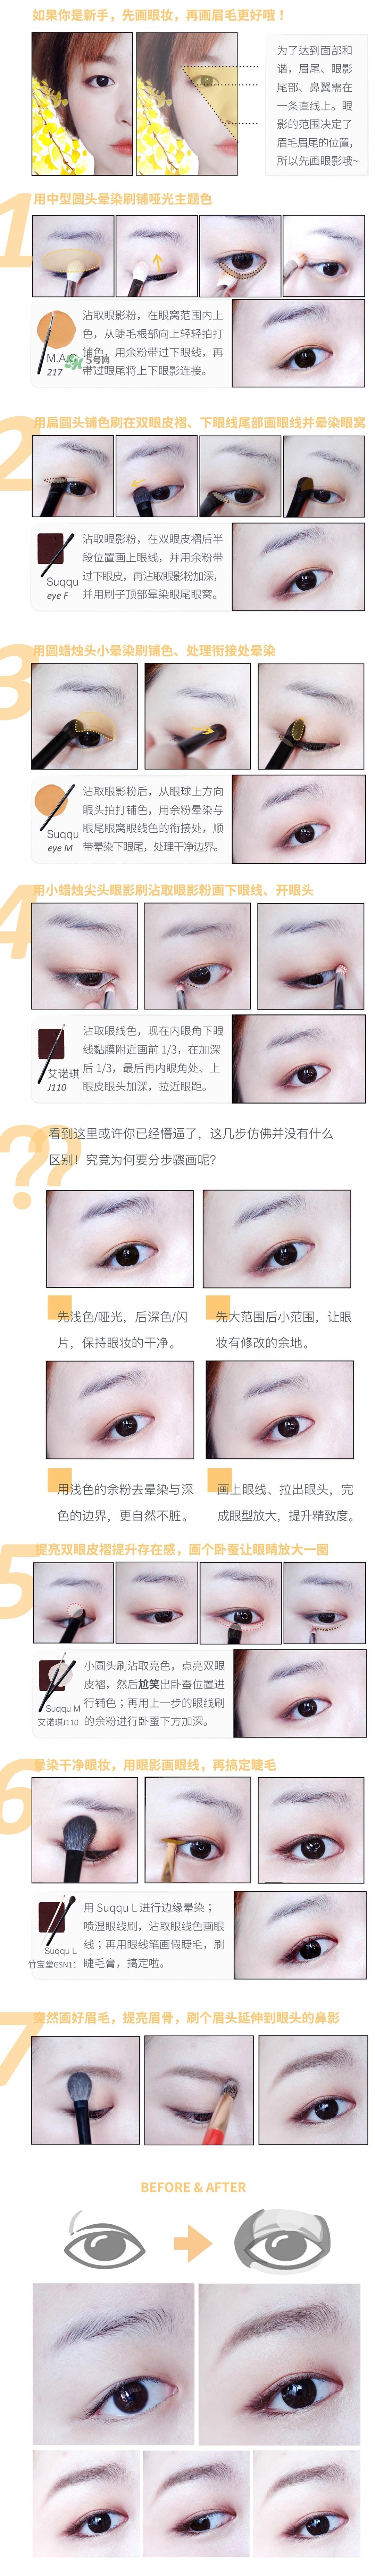 内双眼妆画法及步骤图片 日常内双眼妆的画法